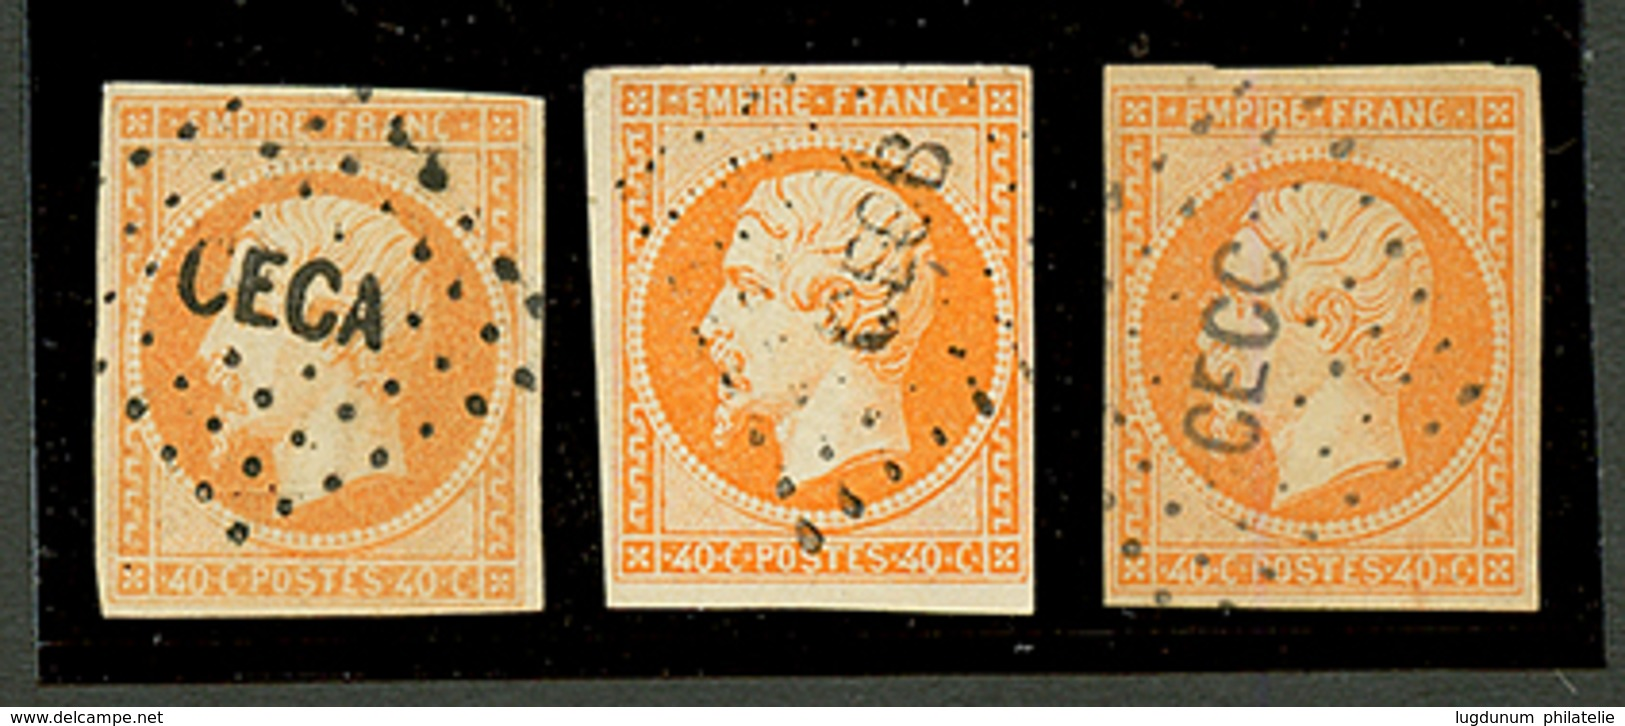 CORPS EXPEDITIONNAIRE DE CHINE : 40c(n°16)x3 Obl. CECA, CECB Et CECC. Superbe. - Frankrijk